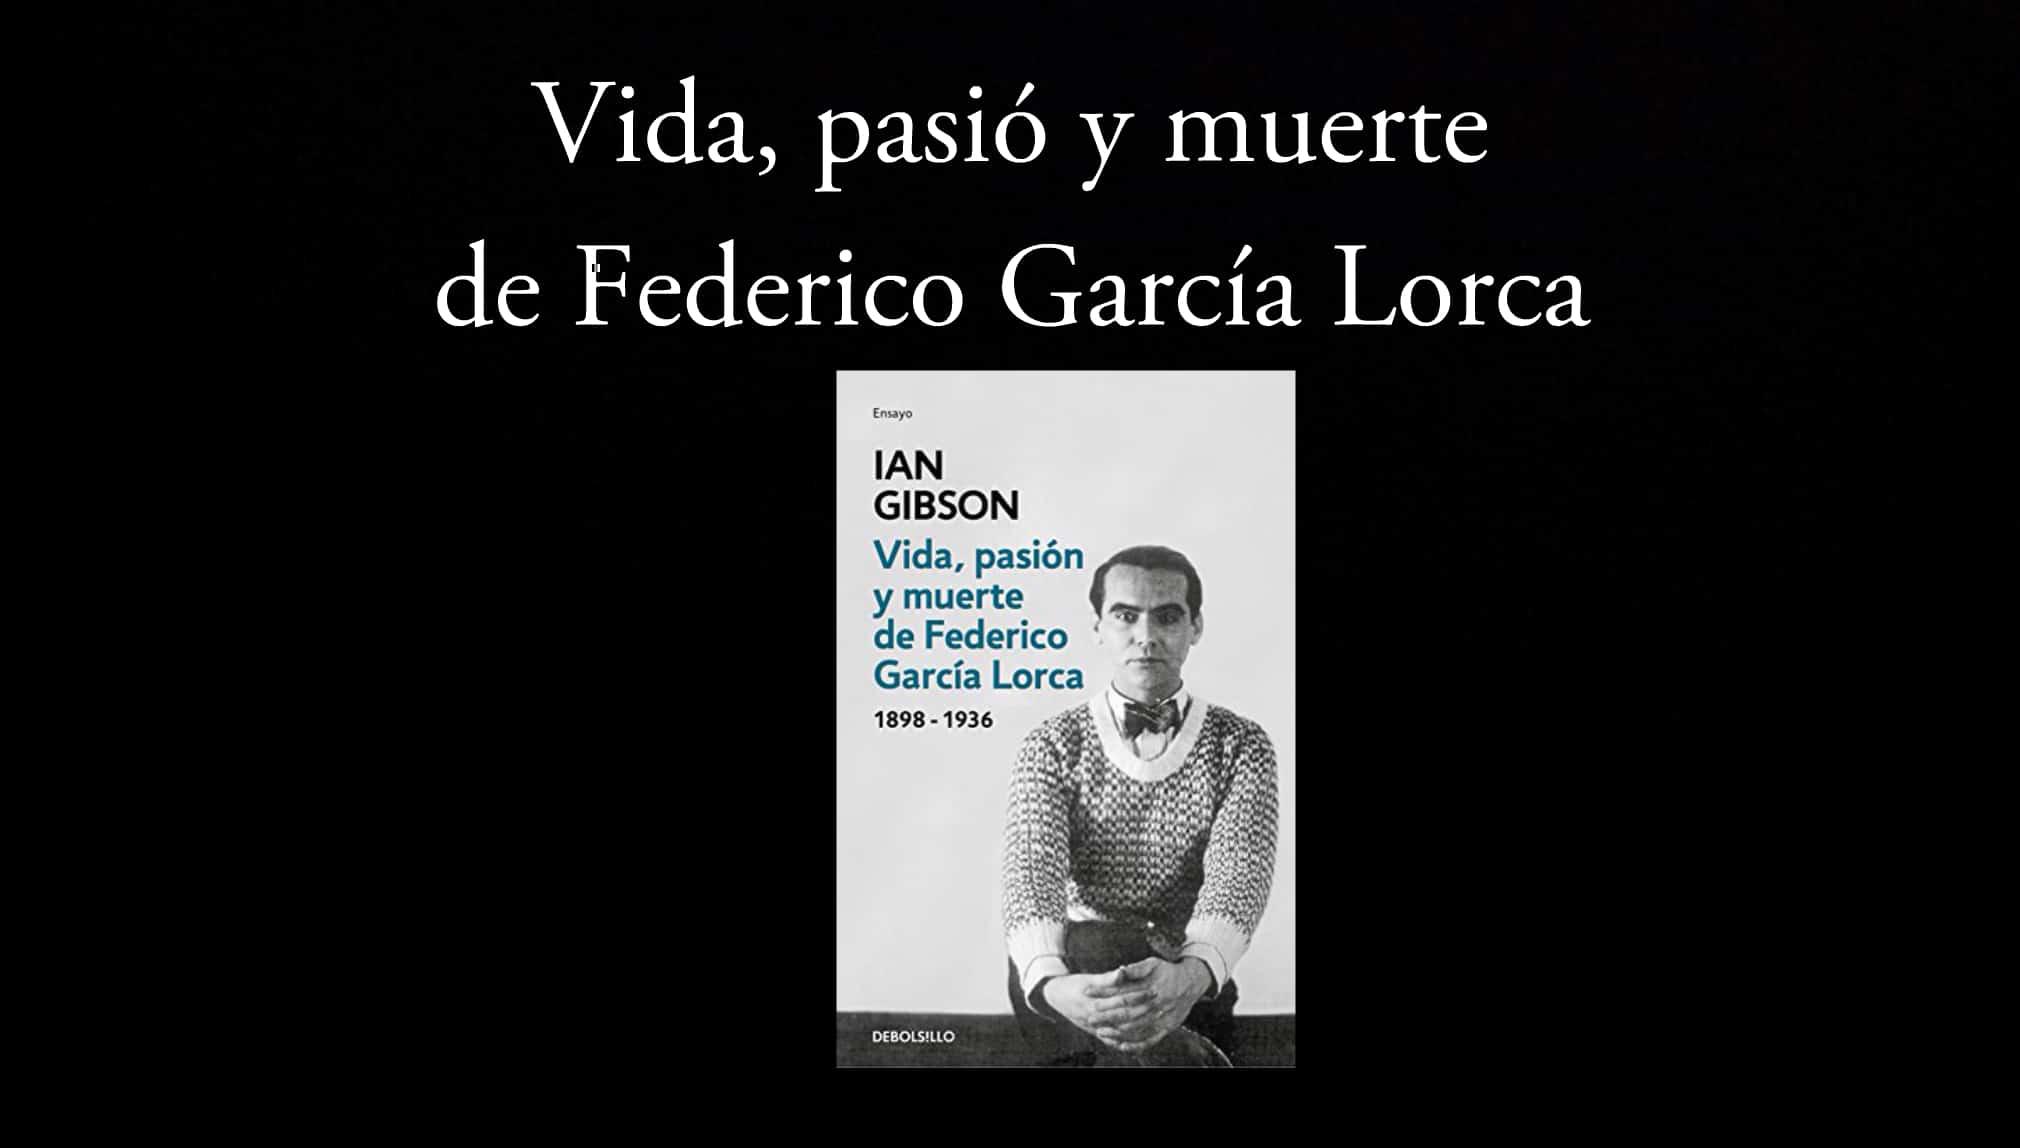 Vida, pasión y muerte de Federico García Lorca.